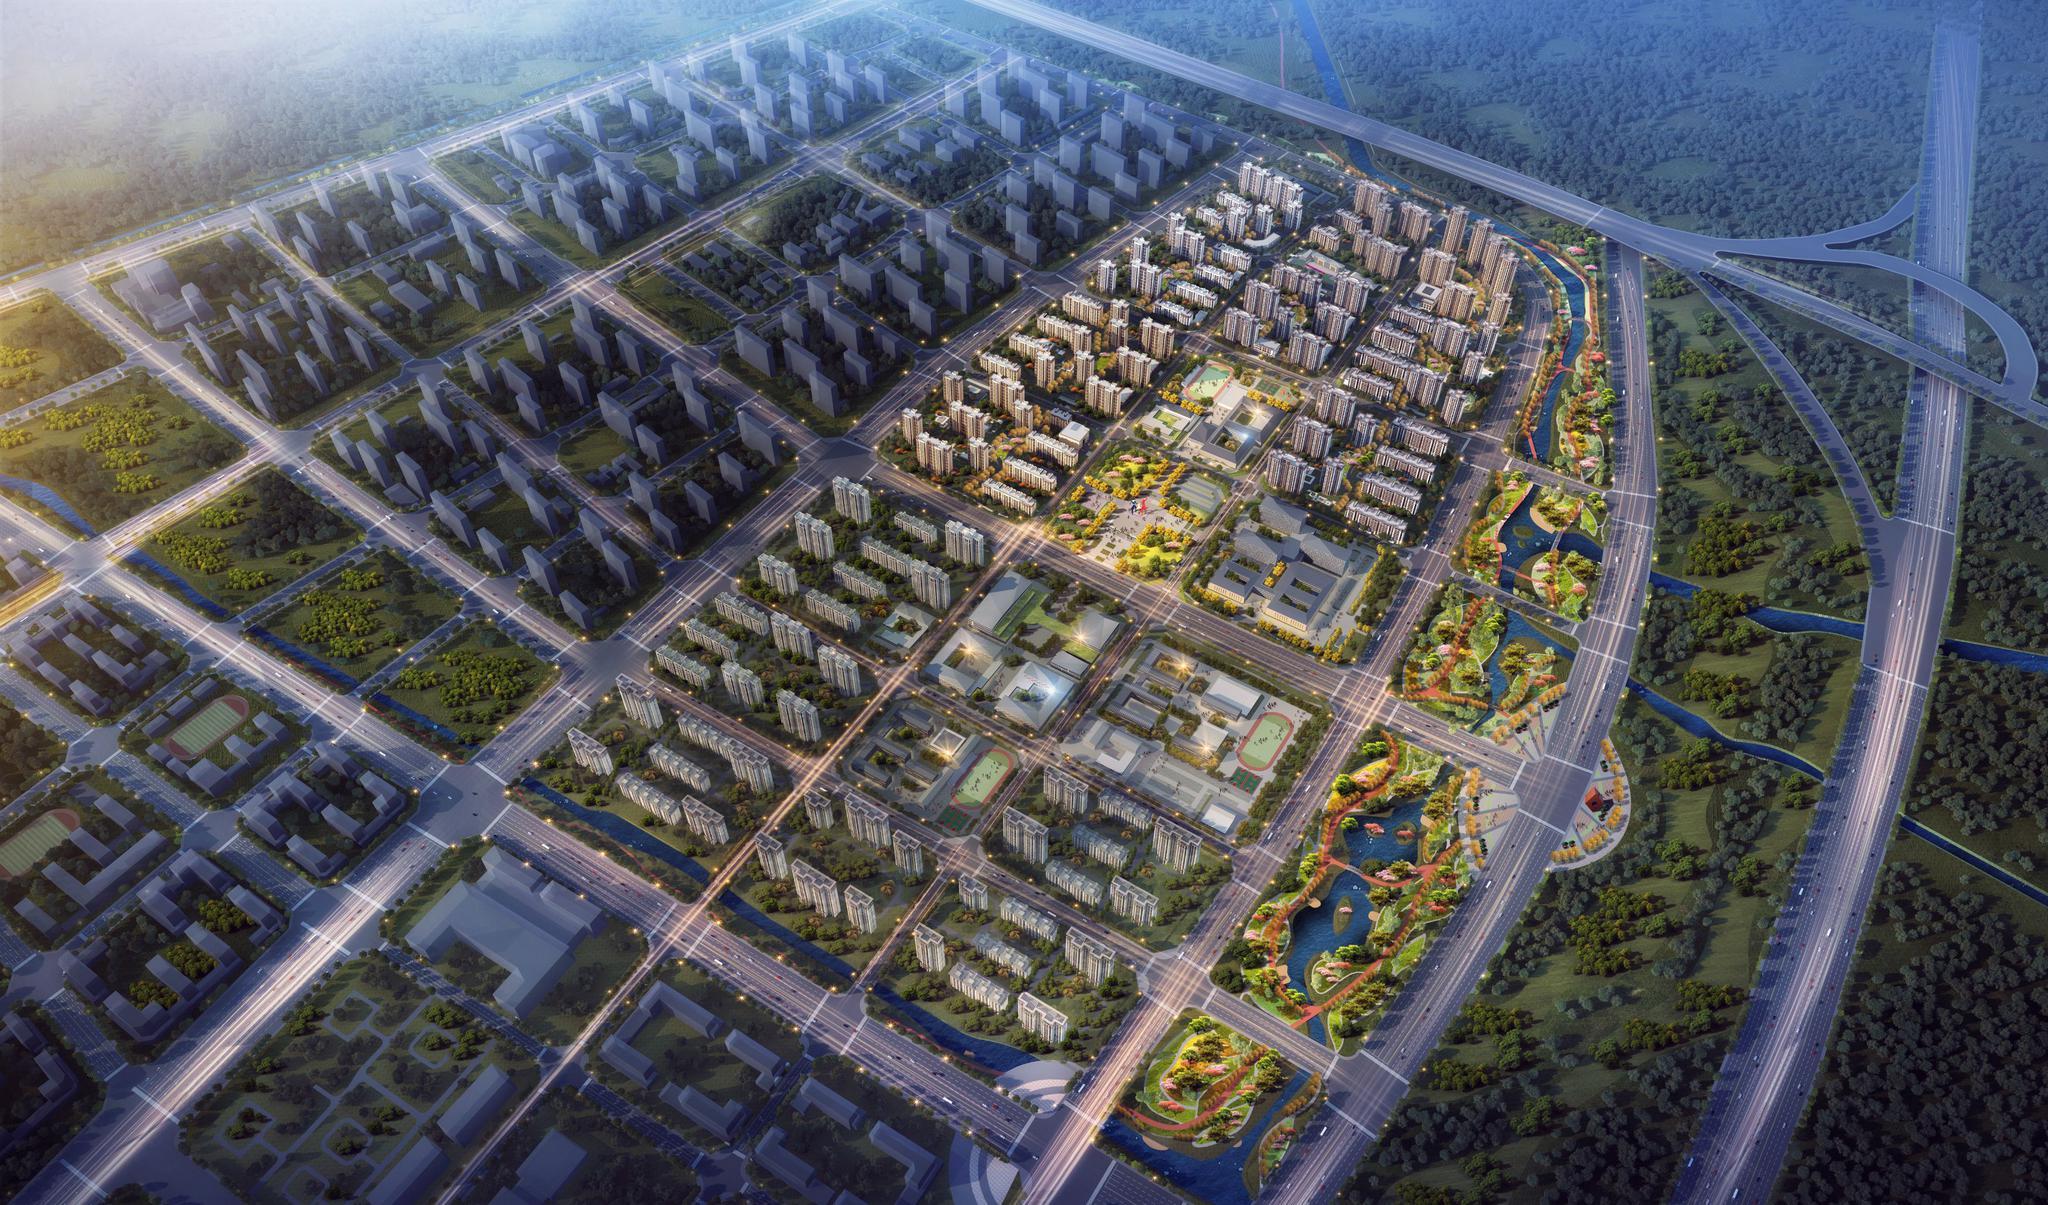 北京大兴国际机场线性工程安置房完成招标,即将开工建设图片